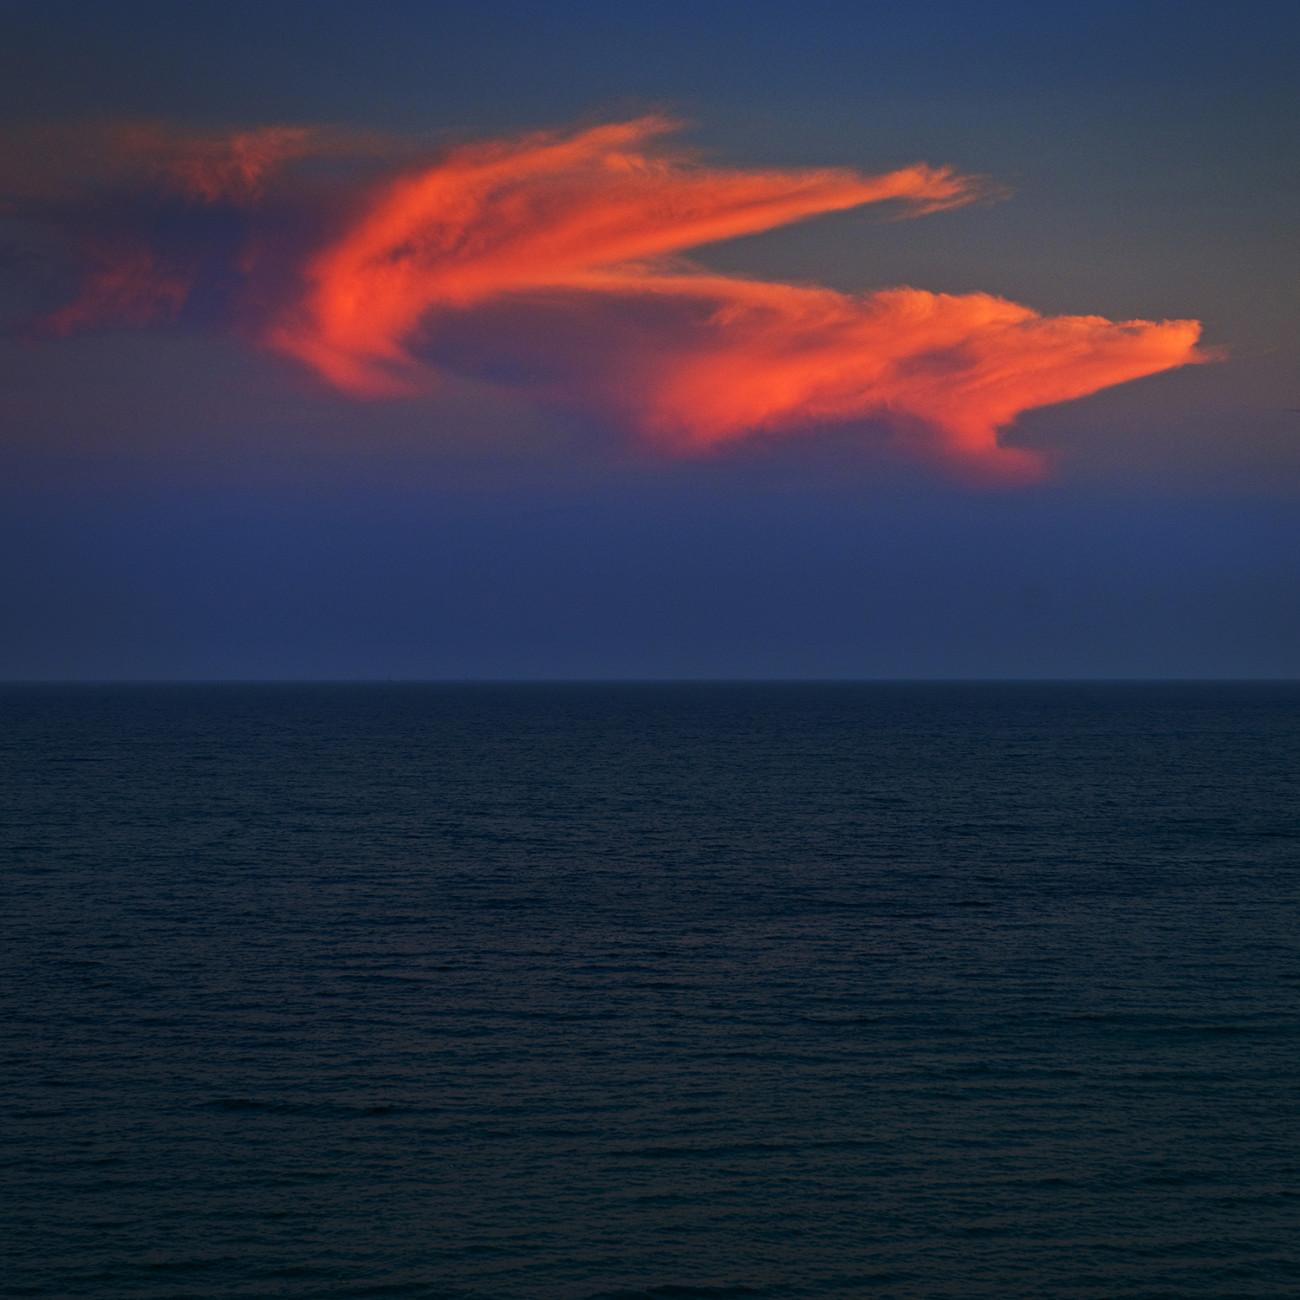 Red cloud, Atlantic Ocean, 2009